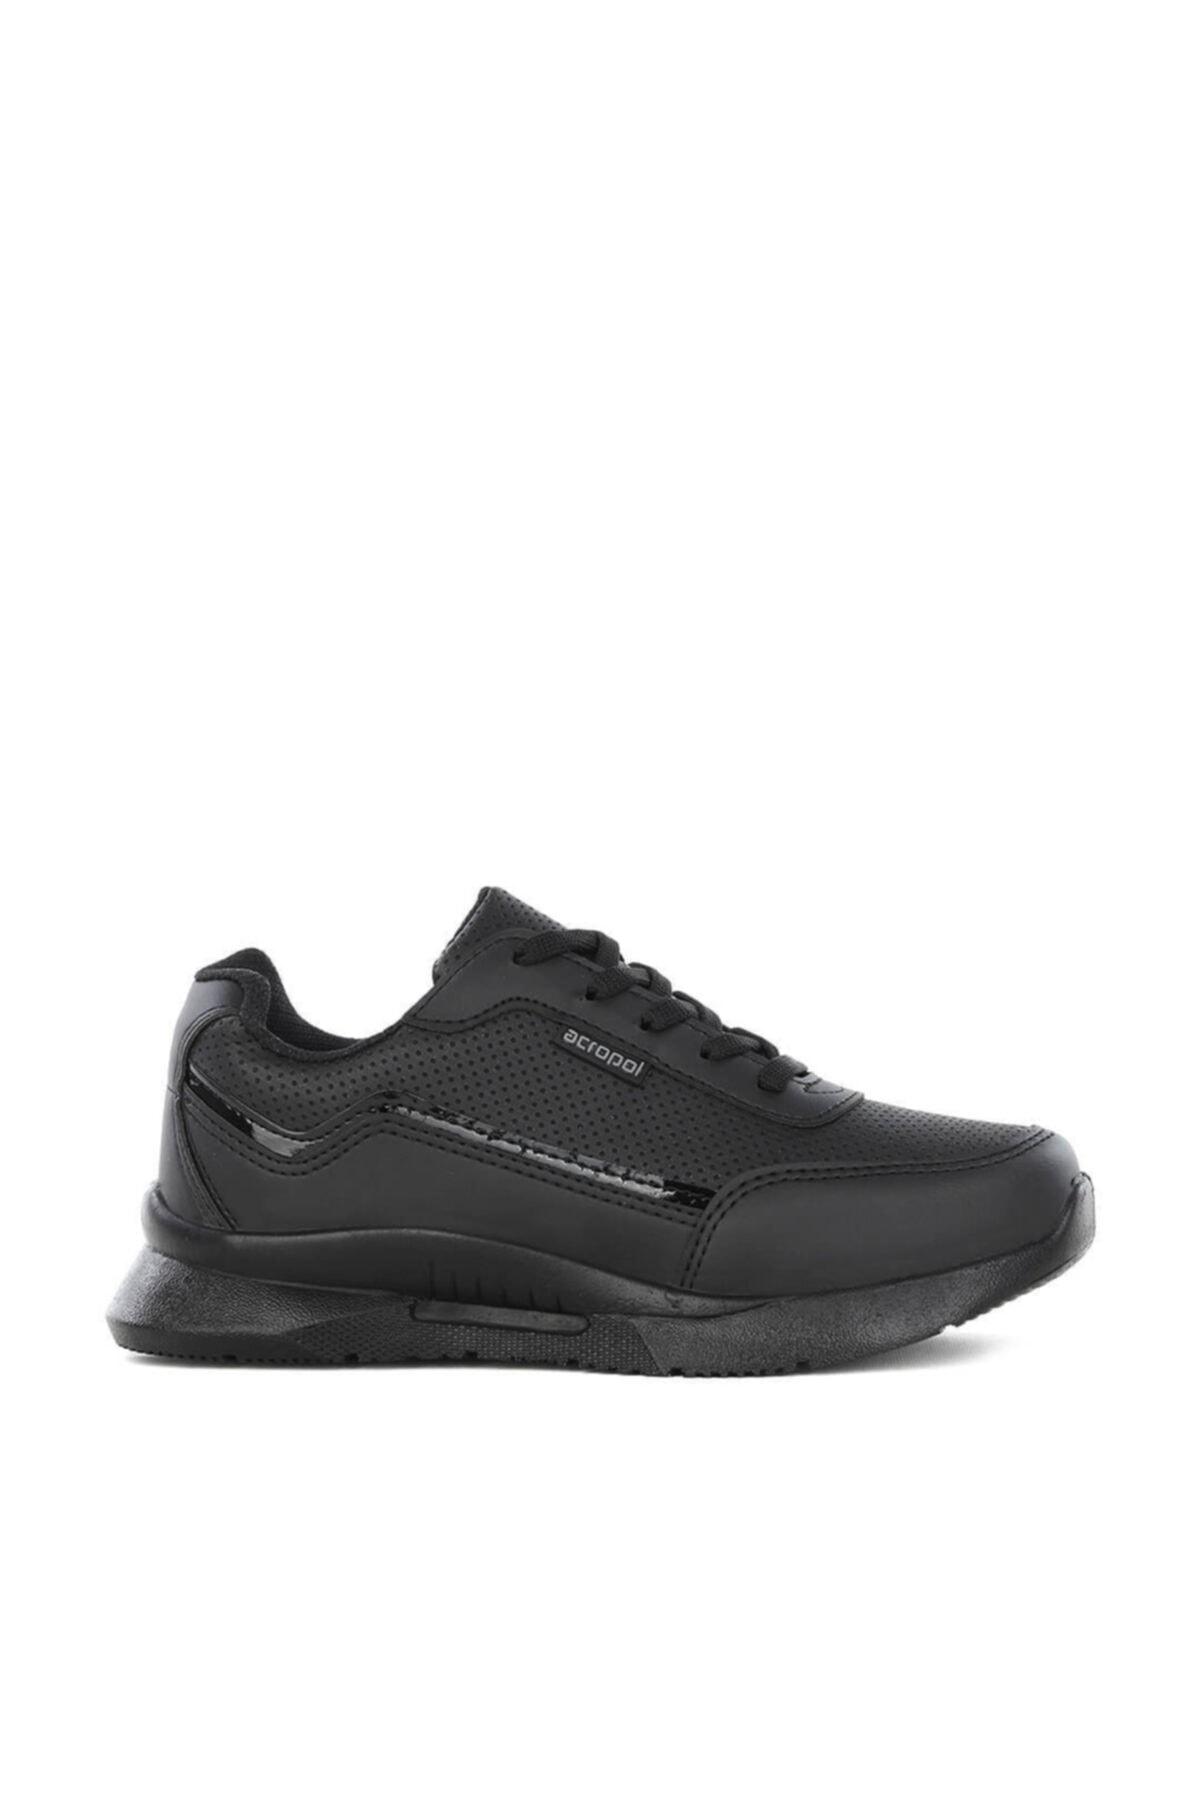 Teking shoes Kadın Siyah Sneaker